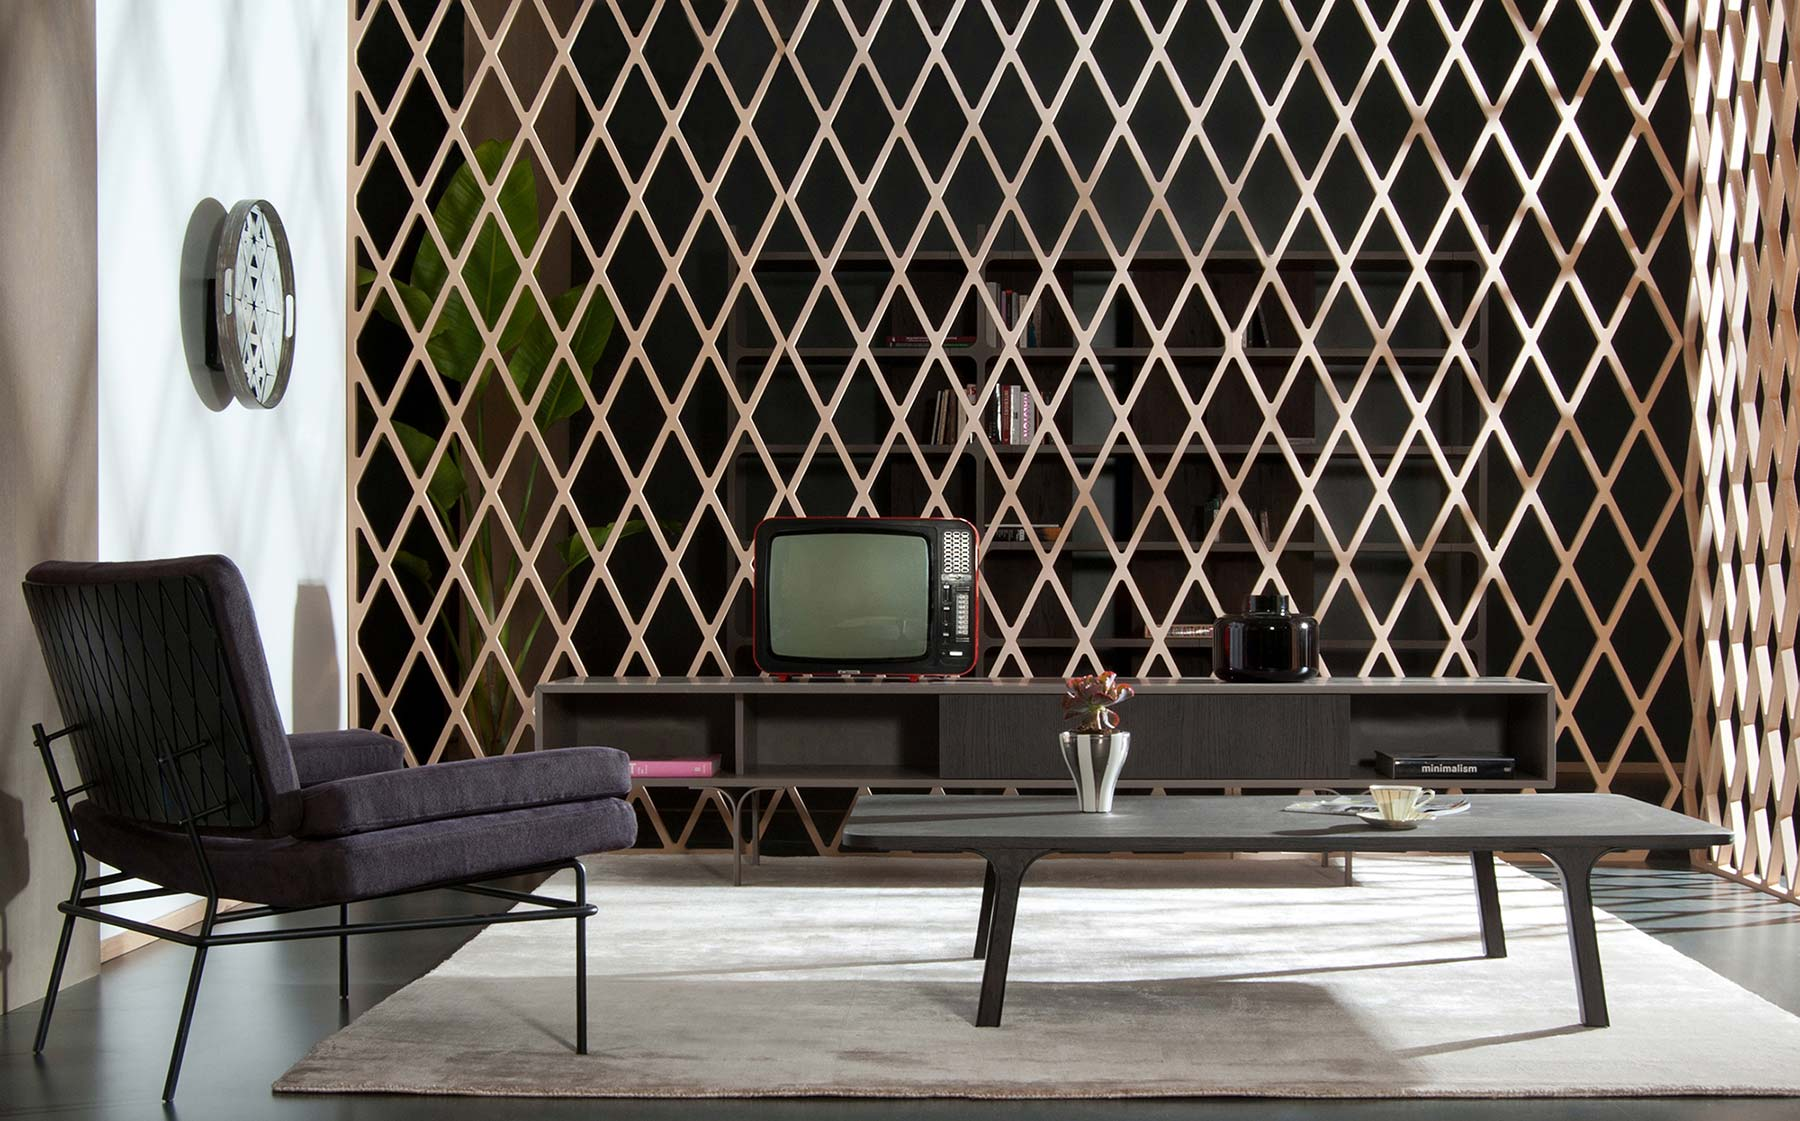 Elegant Ethno Möbel Referenz Von Wohnzimmer Style Möbel Von Al2